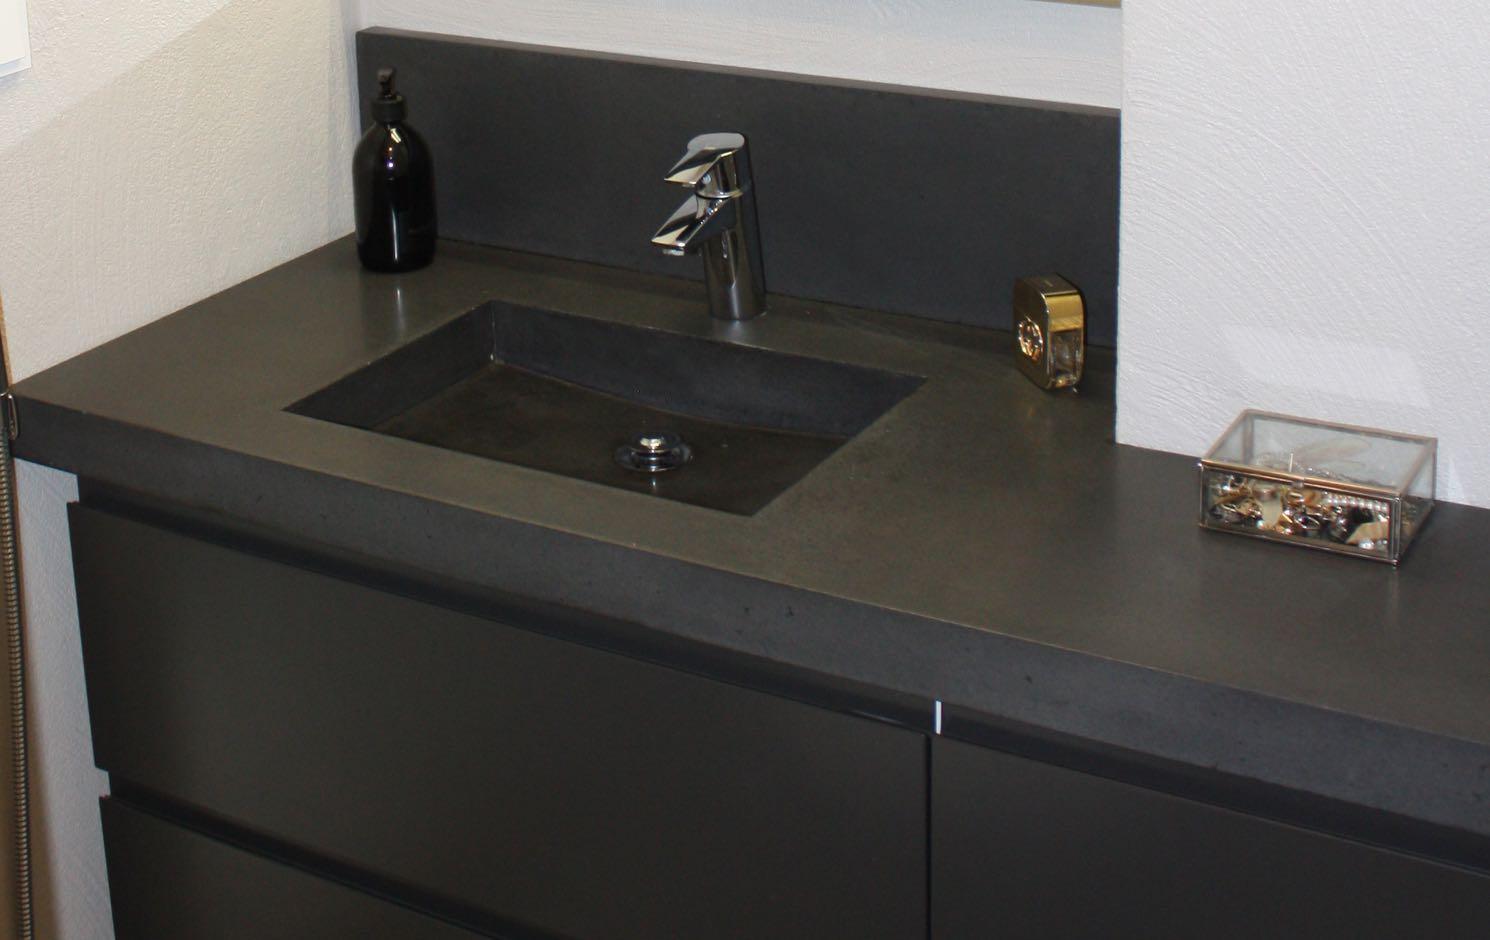 Sisustusbetoni Oy » 22 Kylpyhuoneen tasot ja WC altaat